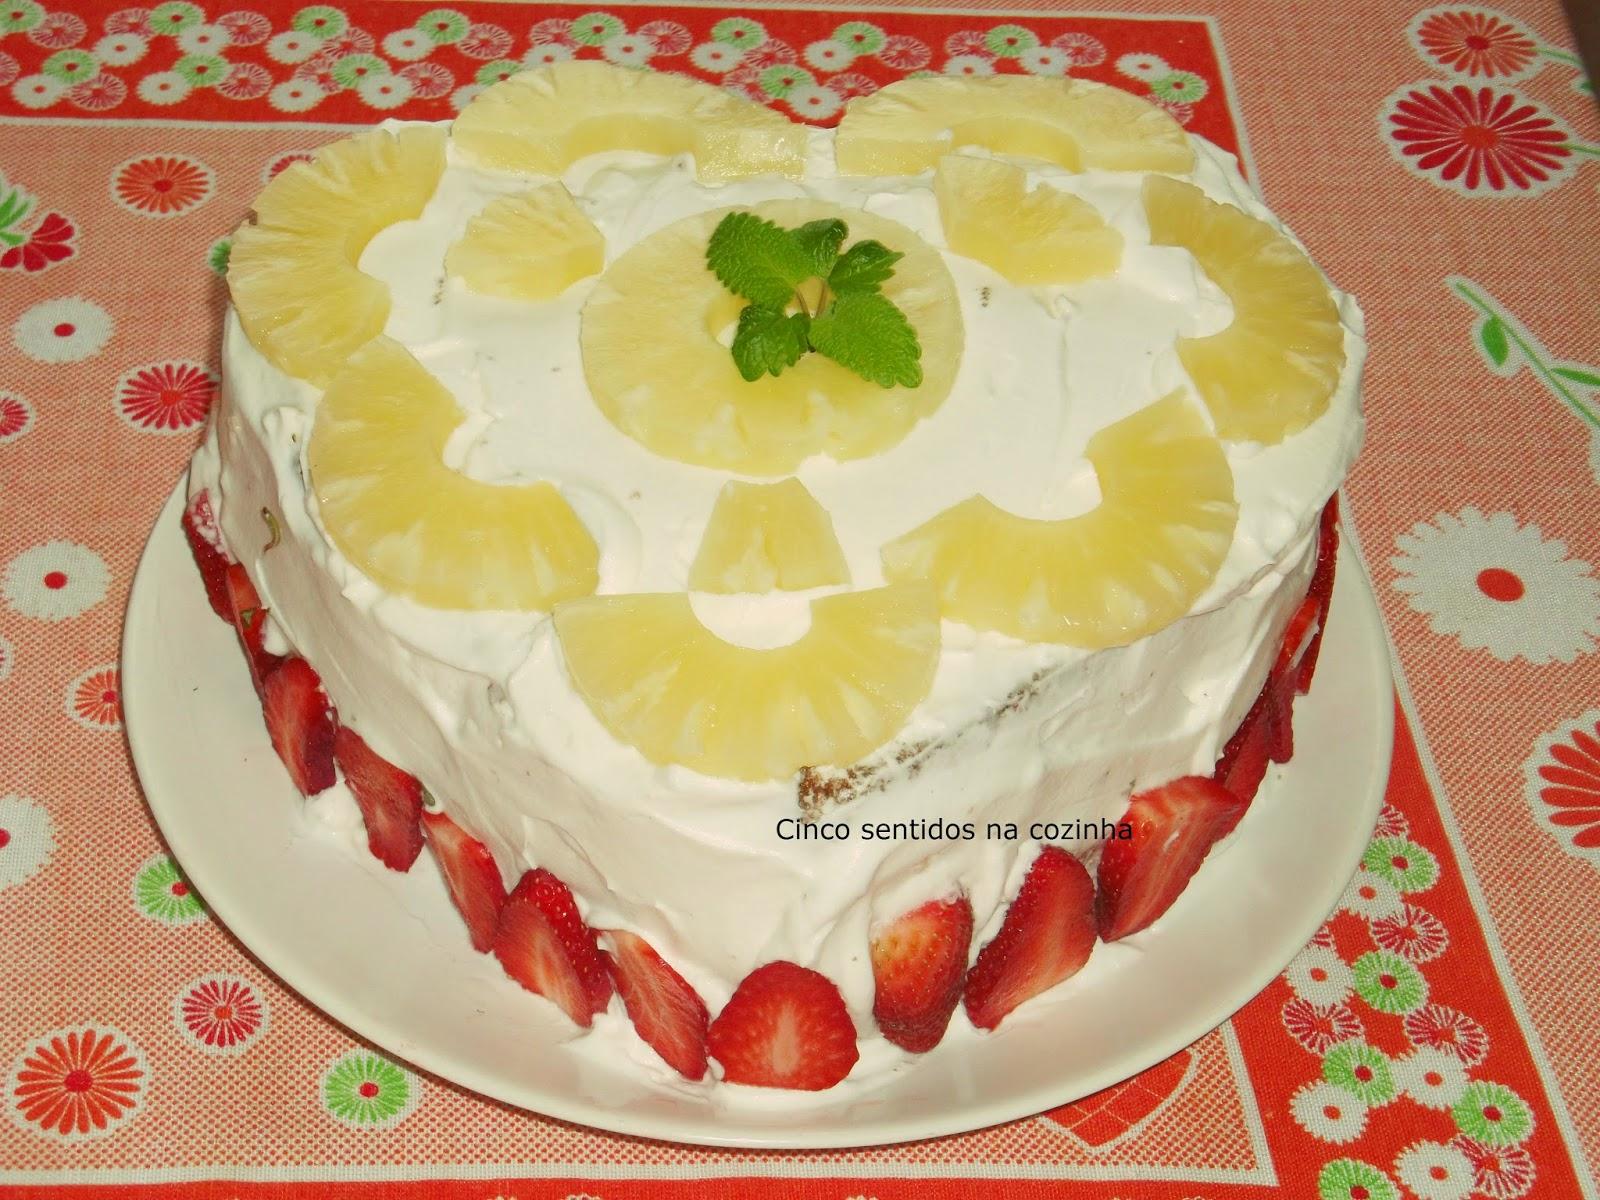 Bolo de aniversário- Pão de ló com chantily e ananás